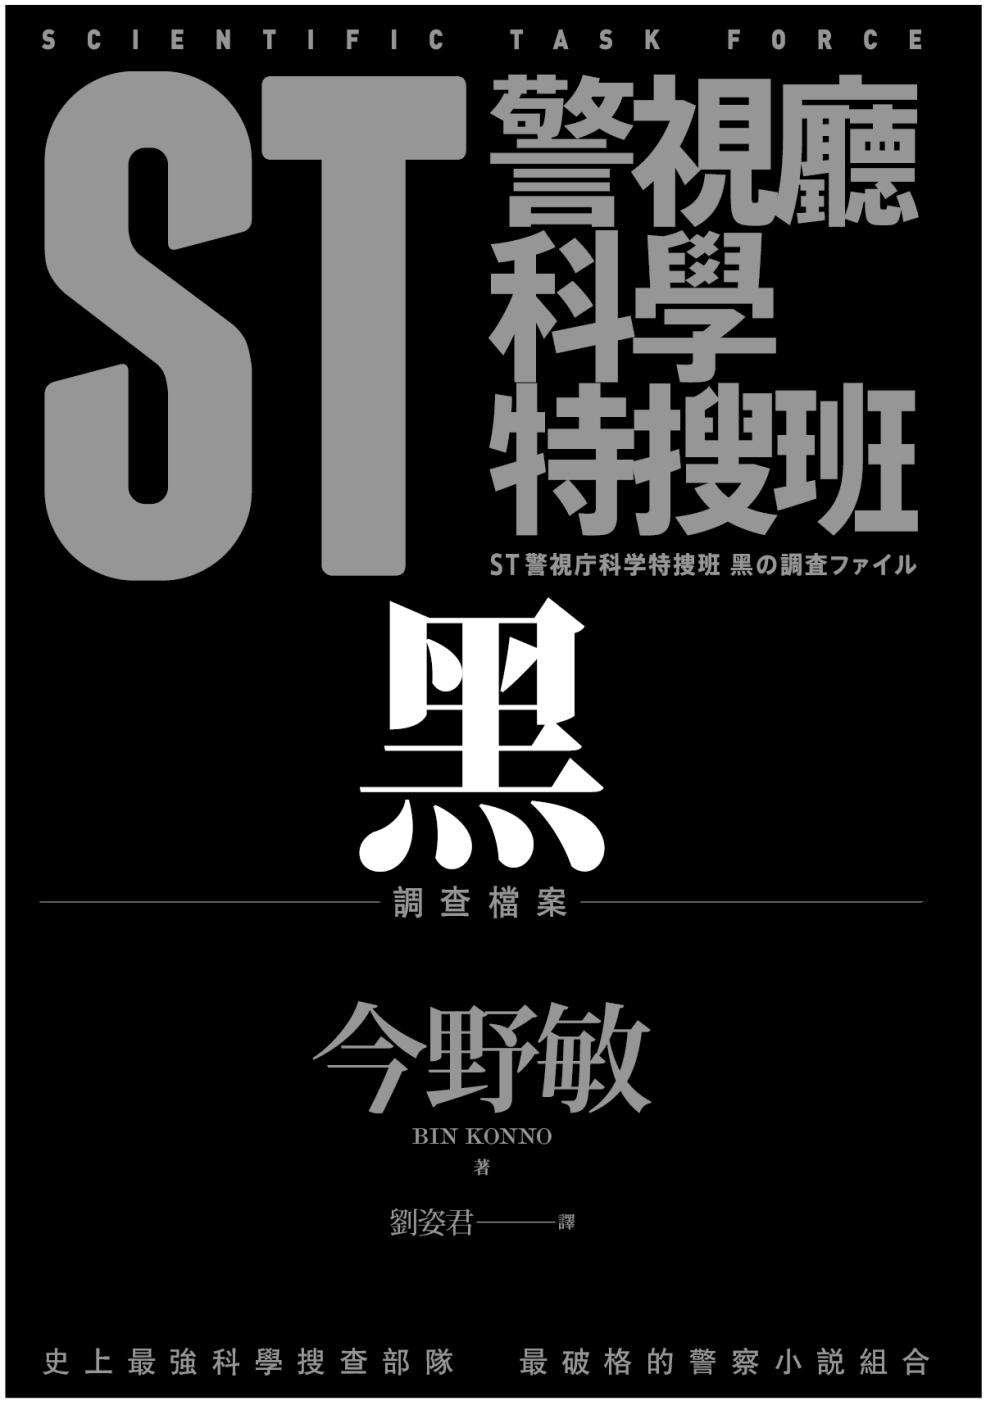 ST警視廳科學特搜班:黑色調查檔案